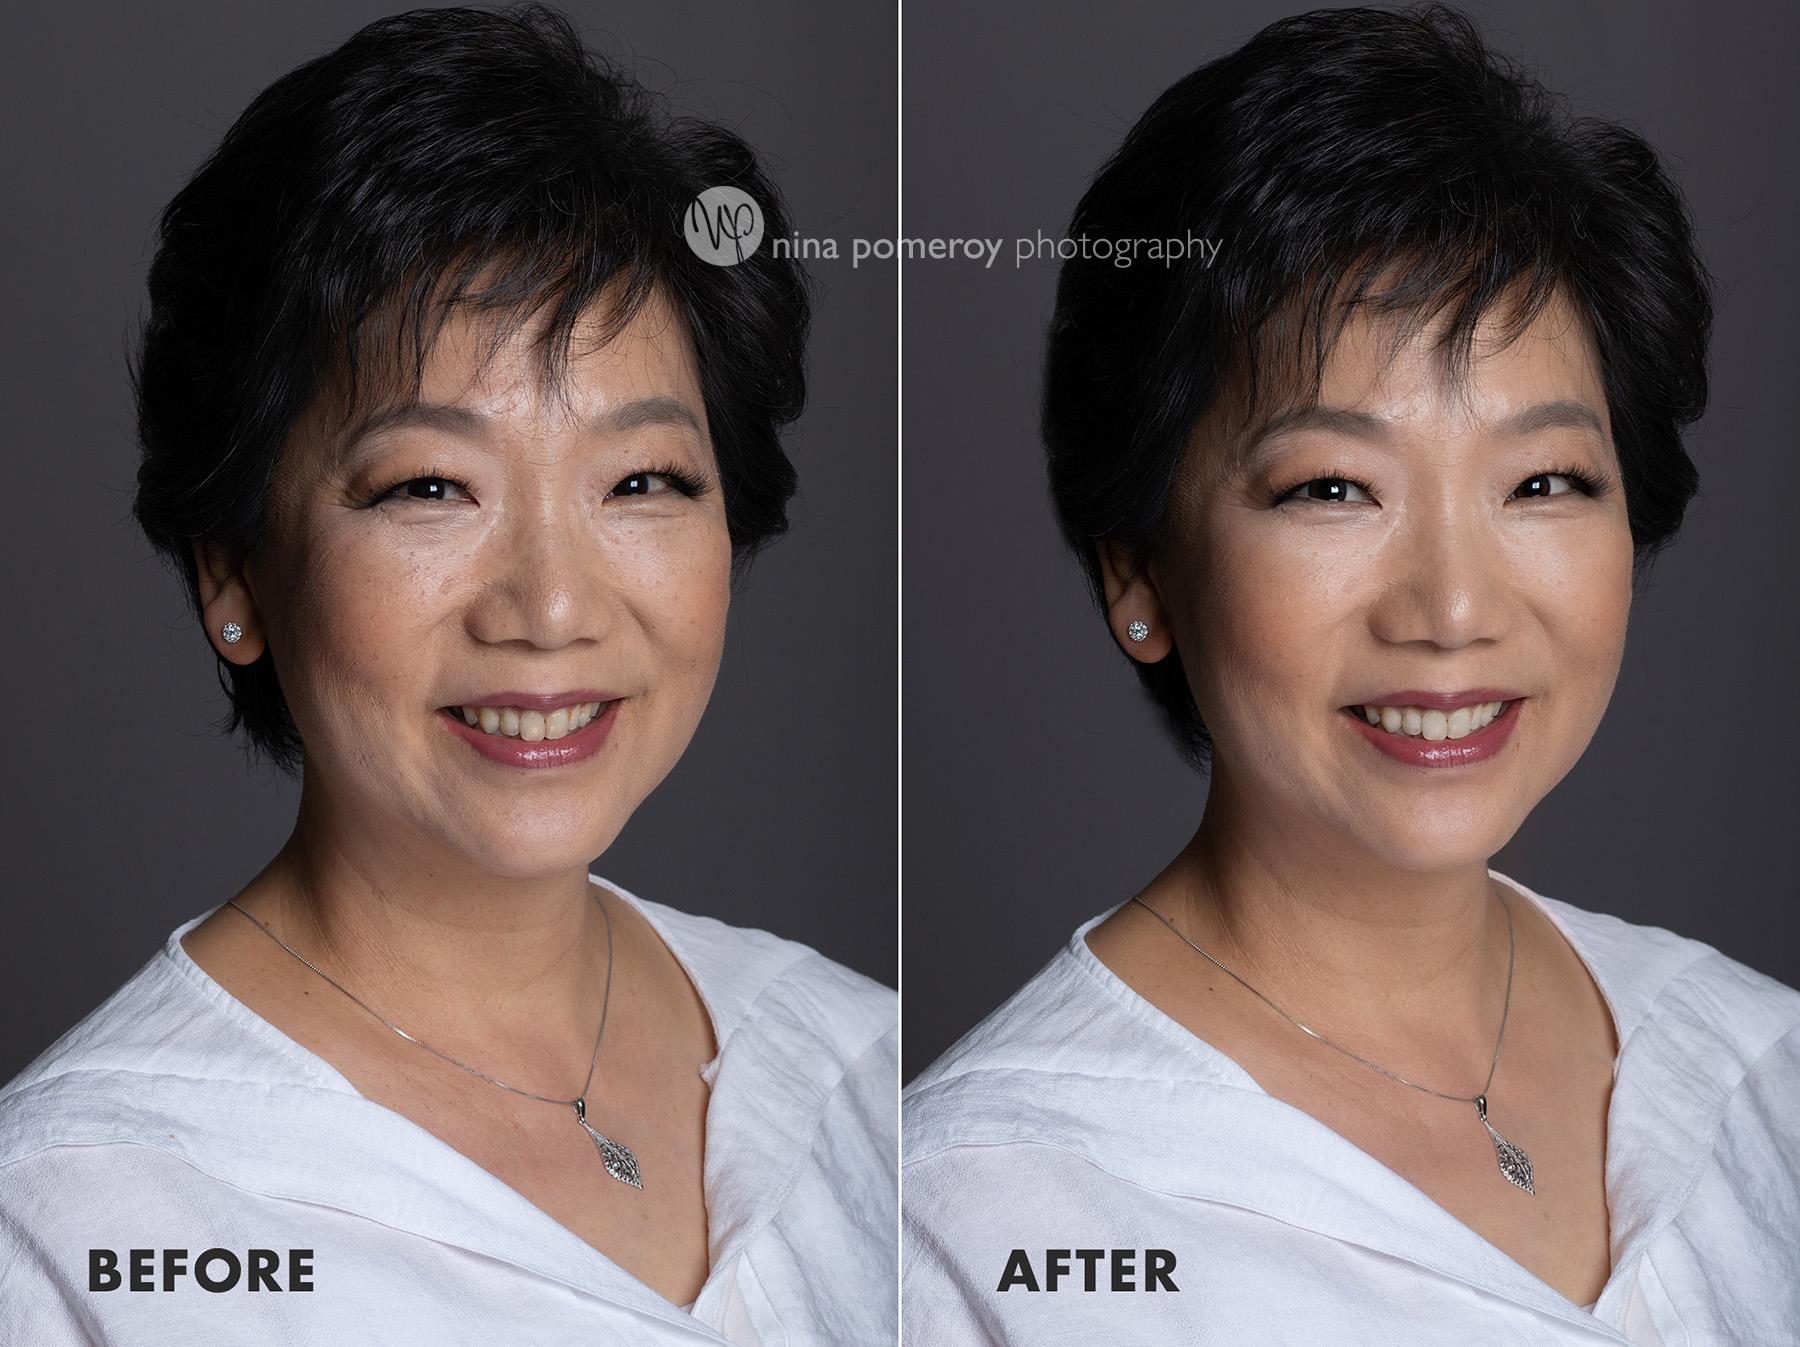 female-studio-headshot-airbrushed-retouched-master-nina-pomeroy-photographer-san-francisco.jpg